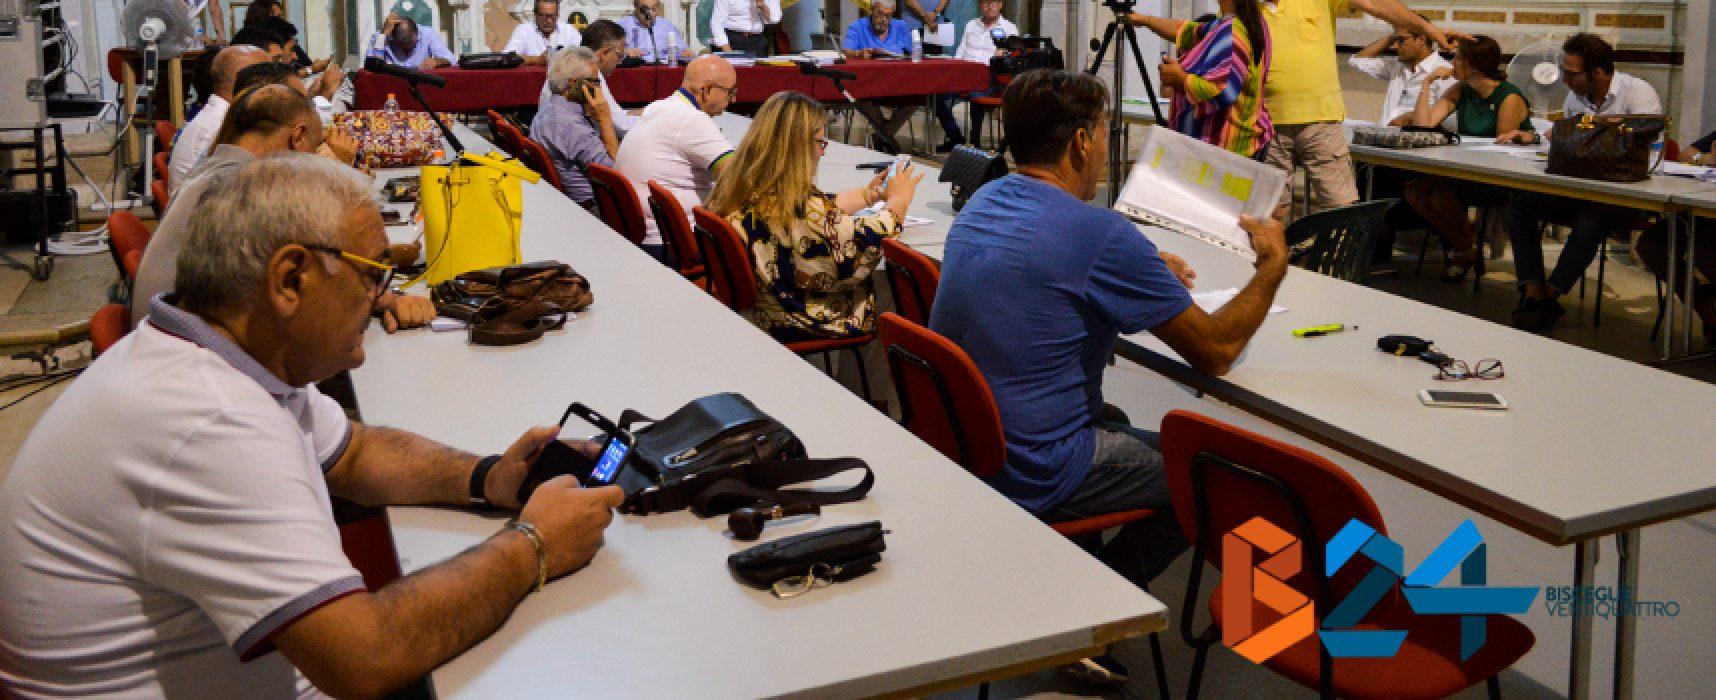 Consiglio comunale: approvazione tariffe Tari, Tasi, Imu e bilancio di previsione